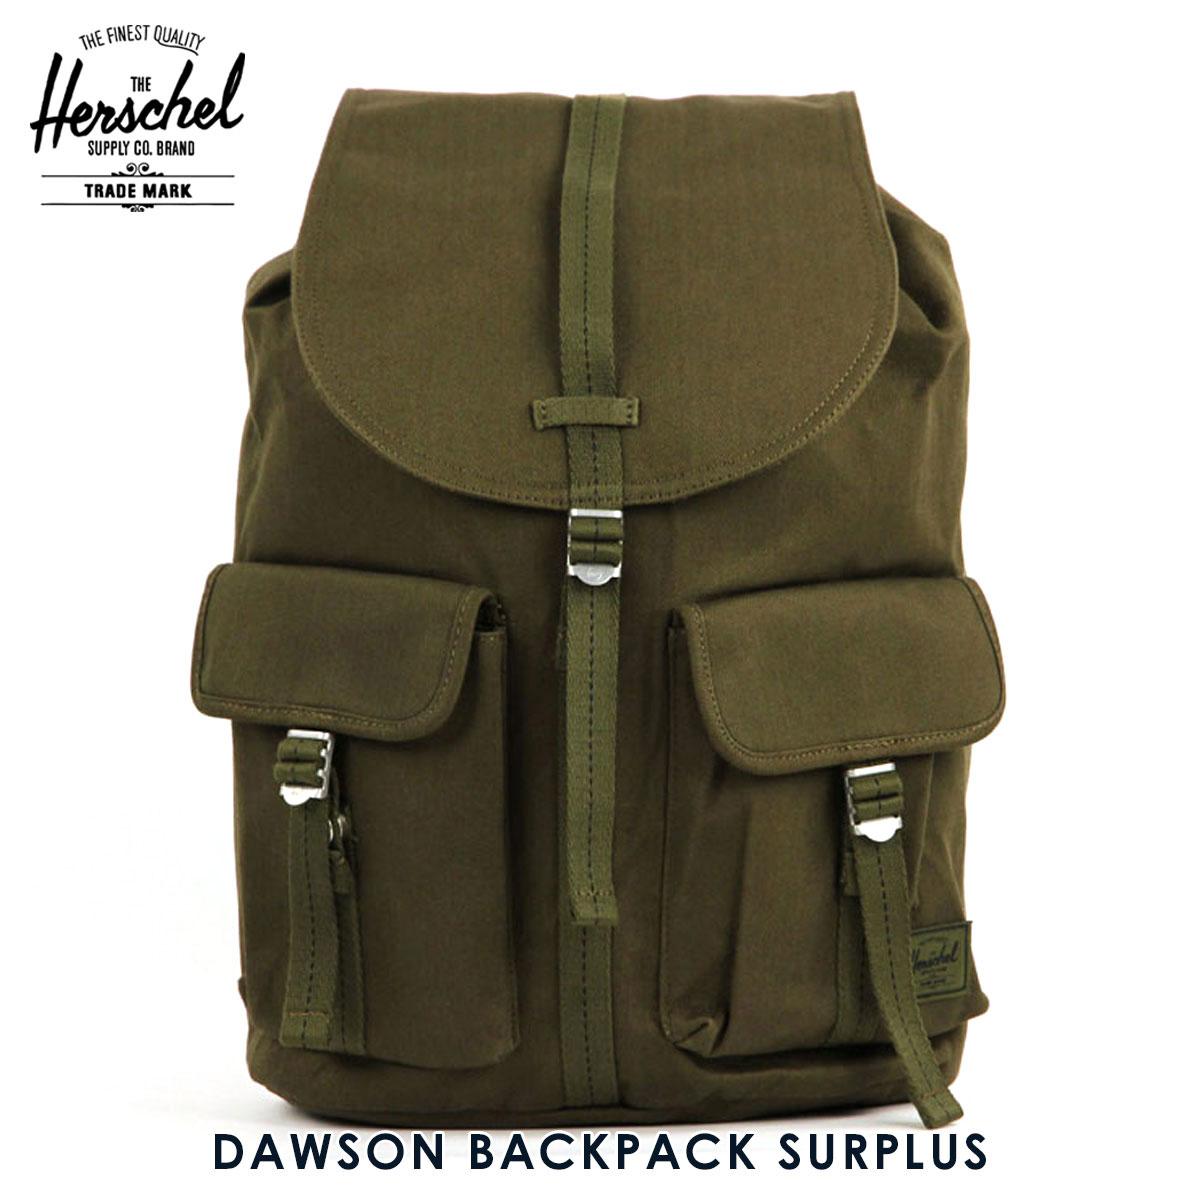 ハーシェル バッグ 正規販売店 Herschel Supply ハーシャルサプライ バッグ リュックサック DAWSON BACKPACK SURPLUS 10233-01131-OS ARMY